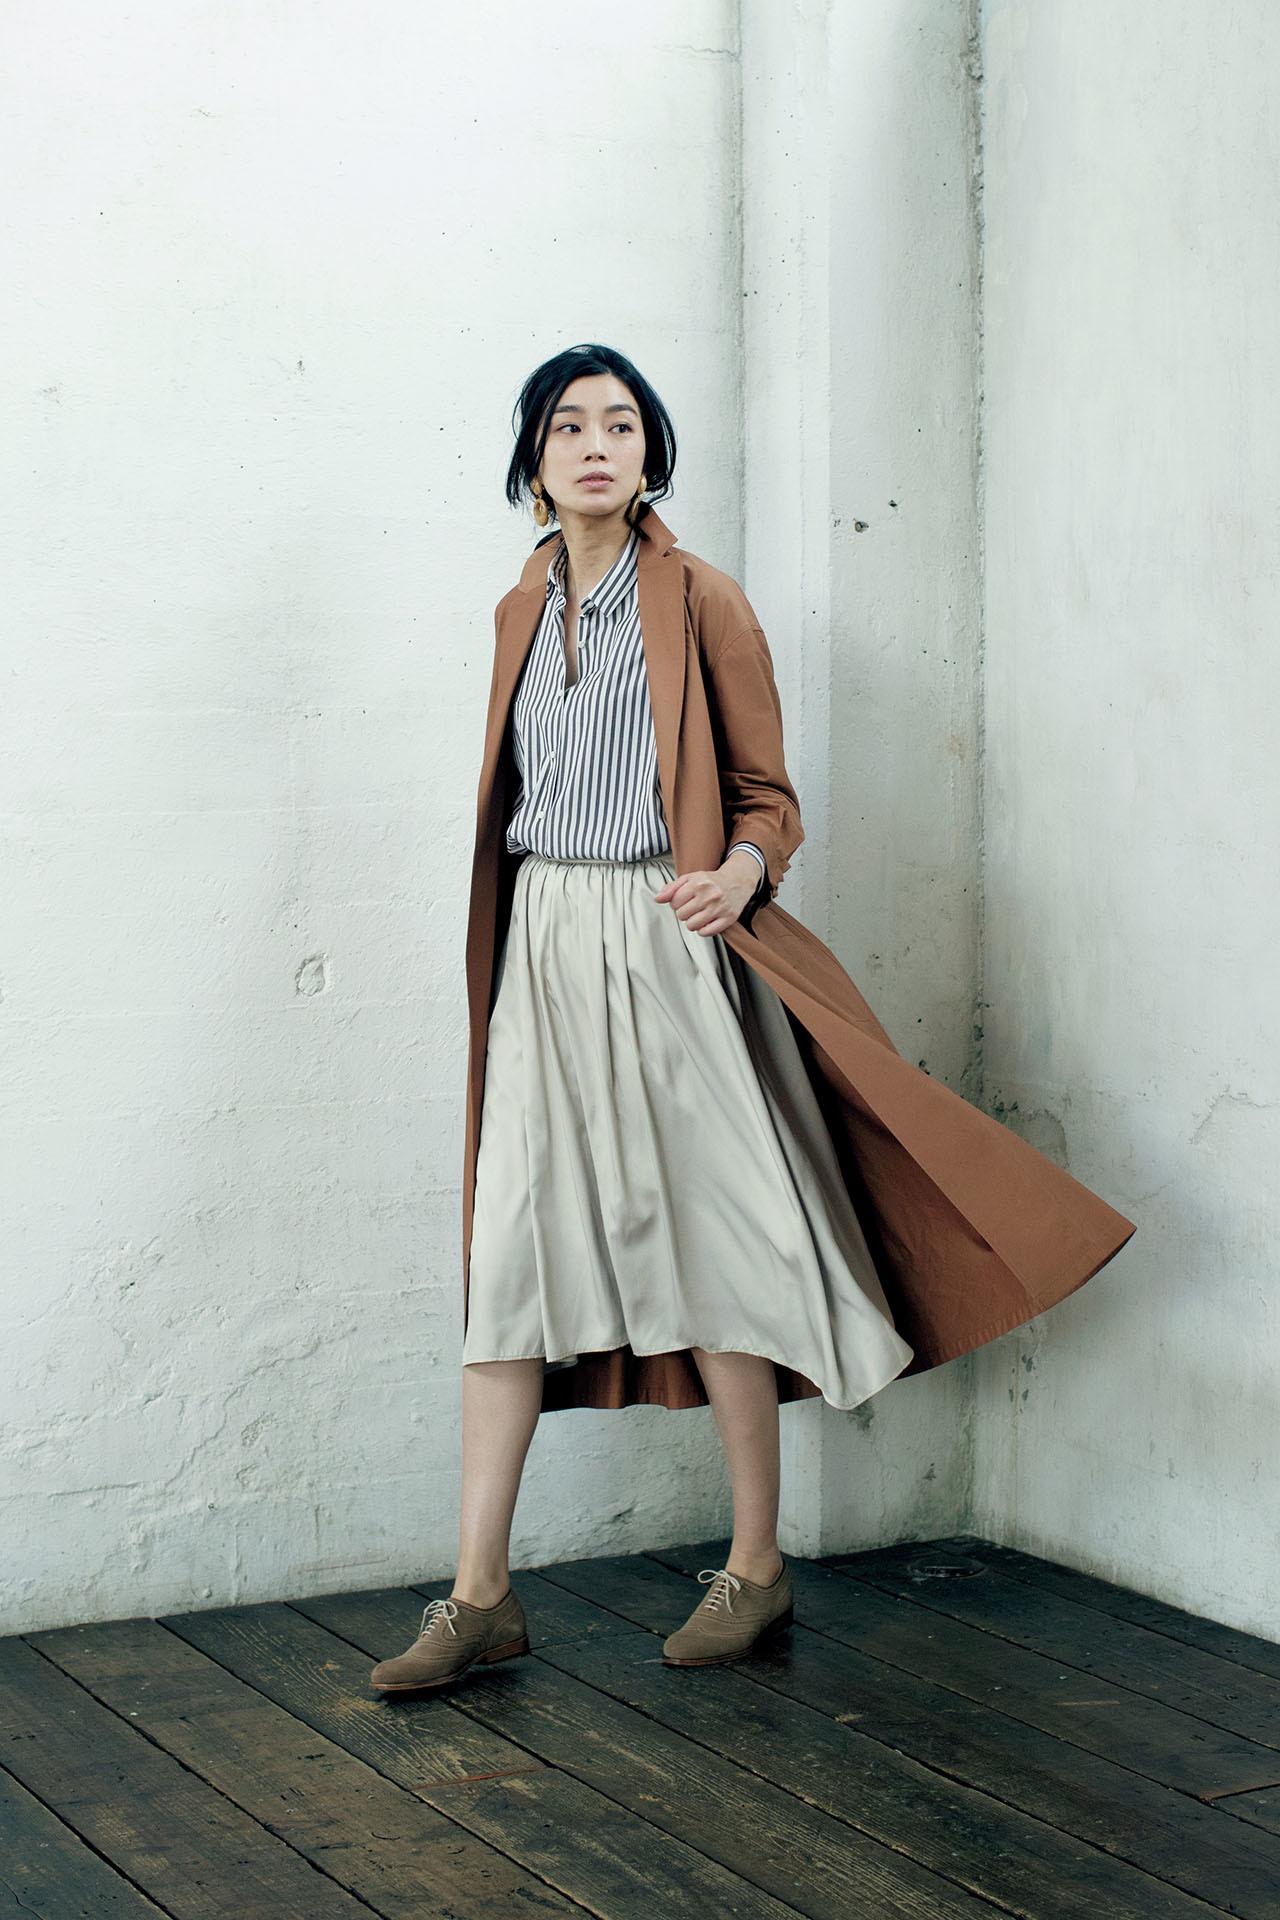 とろみ素材&プリーツスカートがあれば、品ありな女性らしさがかなう! 五選_1_1-3